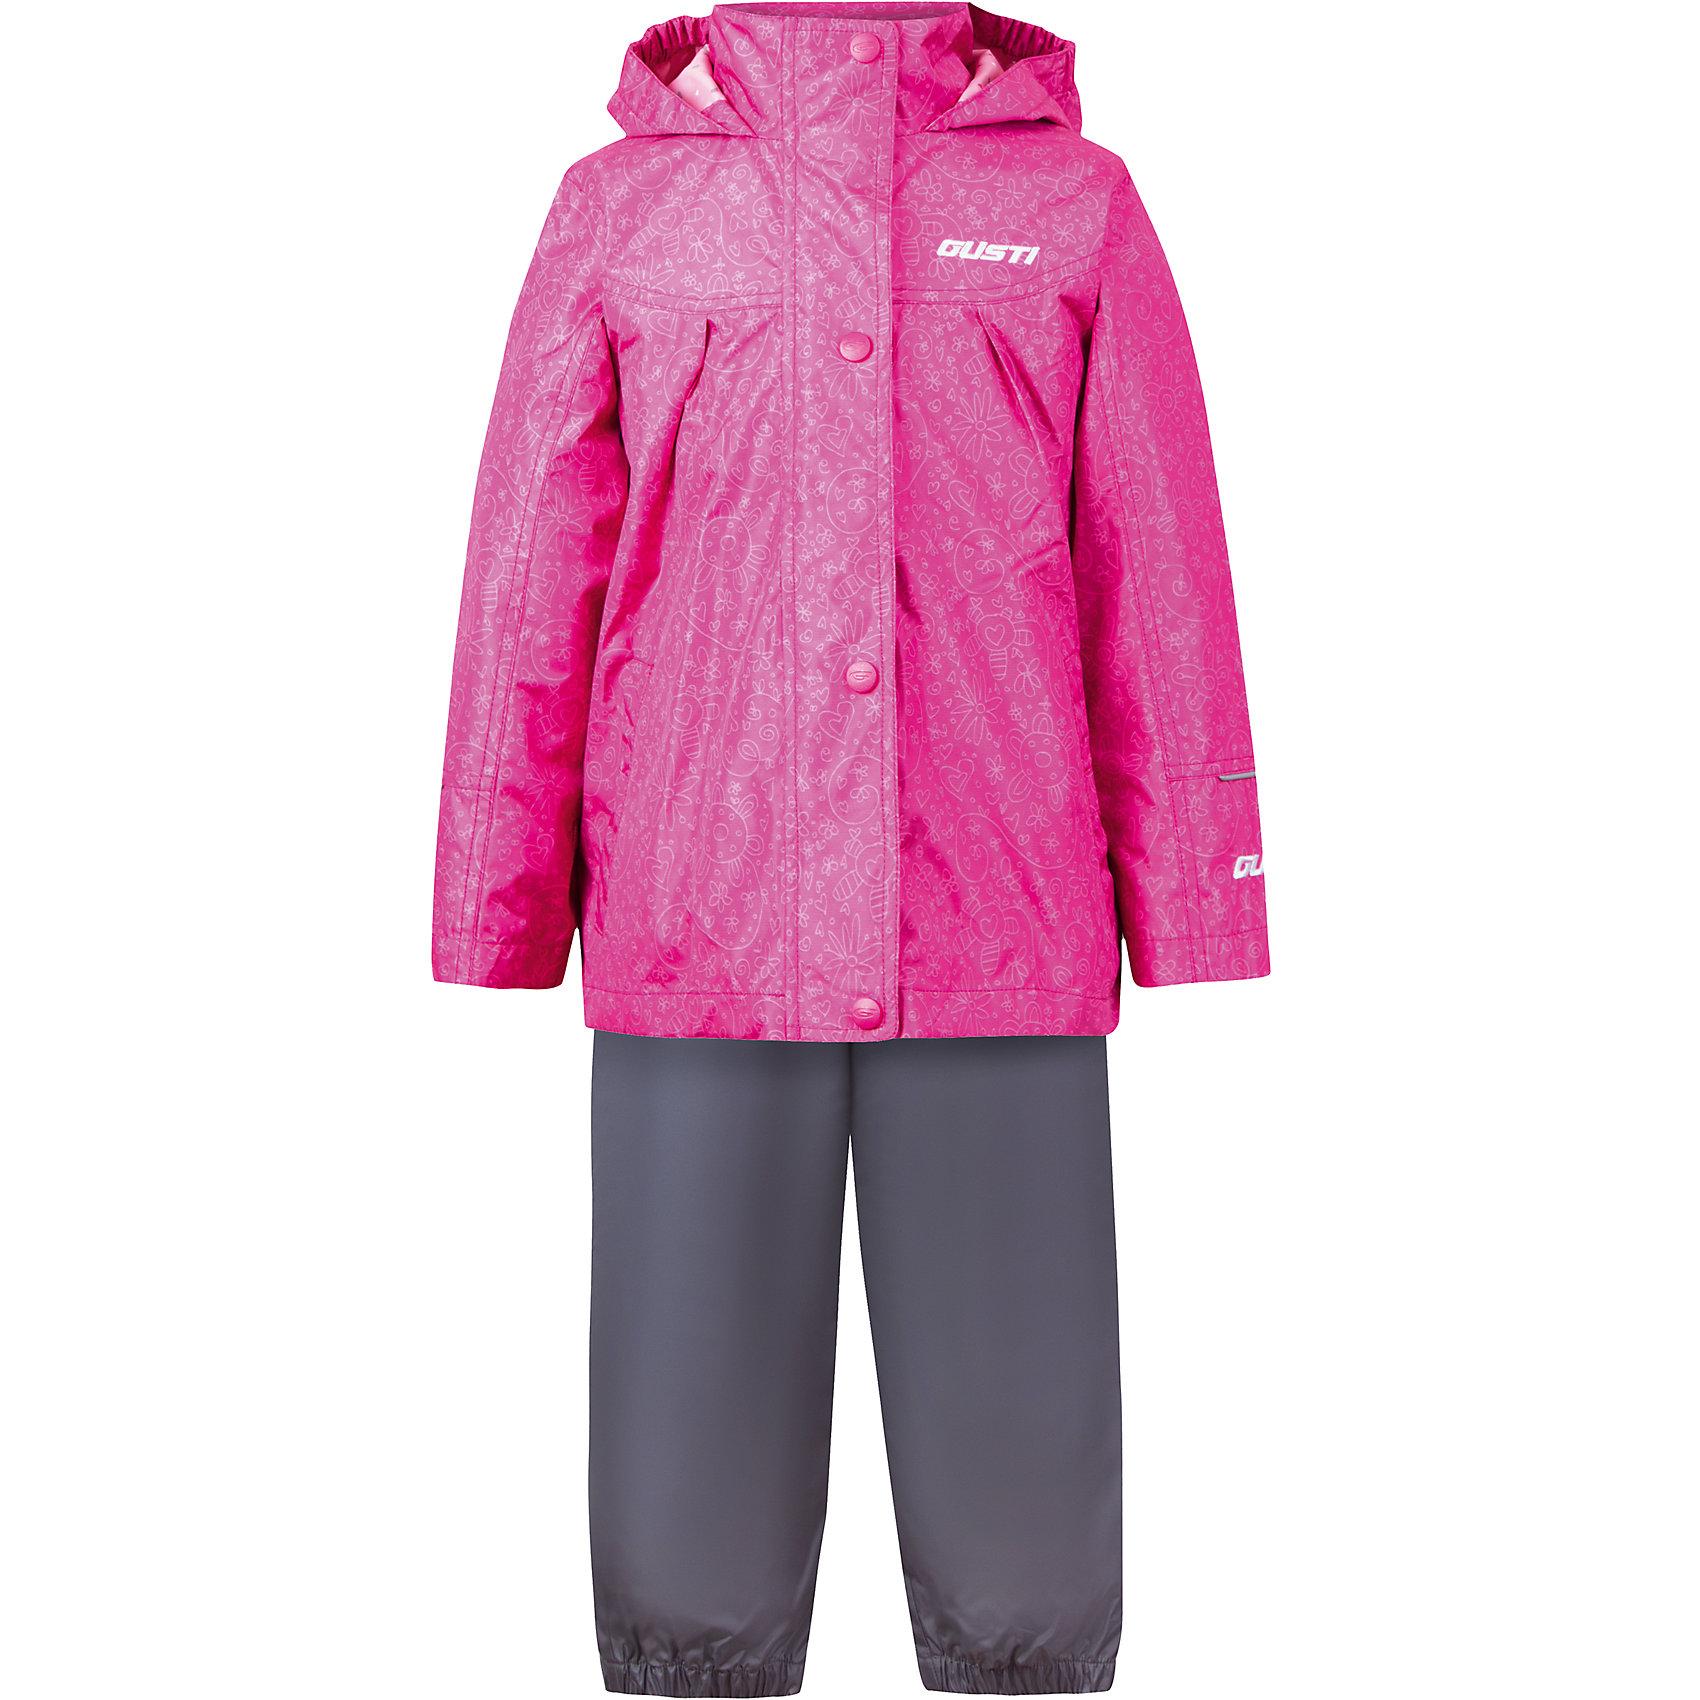 Комплект: куртка, толстовка и брюки для девочки GustiВерхняя одежда<br>Характеристики товара:<br><br>• цвет: розовый<br>• состав: 100% полиэстер, подкладка, утеплитель - 100% полиэстер<br>• комплектация: куртка, съемная флисовая подкладка, брюки<br>• температурный режим: от +5° С до +15° С<br>• водонепроницаемый материал<br>• капюшон<br>• карманы<br>• съемные подтяжки<br>• брючины эластичные<br>• комфортная посадка<br>• светоотражающие элементы<br>• молния<br>• утеплитель: синтепон<br>• демисезонный<br>• страна бренда: Канада<br><br>Этот демисезонный комплект из куртки, пристегивающейся к ней толстовки из флиса, и штанов поможет обеспечить ребенку комфорт и тепло. Предметы удобно садятся по фигуре, отлично смотрятся с различной обувью. Комплект очень модно выглядит, он хорошо защищает от ветра и влаги. Материал отлично подходит для дождливой погоды. Стильный дизайн разрабатывался специально для детей.<br><br>Комплект: куртка, толстовка и брюки для девочки от известного бренда Gusti (Густи) можно купить в нашем интернет-магазине.<br><br>Ширина мм: 356<br>Глубина мм: 10<br>Высота мм: 245<br>Вес г: 519<br>Цвет: розовый<br>Возраст от месяцев: 12<br>Возраст до месяцев: 15<br>Пол: Женский<br>Возраст: Детский<br>Размер: 80,120,98,86,90,92,100,104,110,116<br>SKU: 5452500